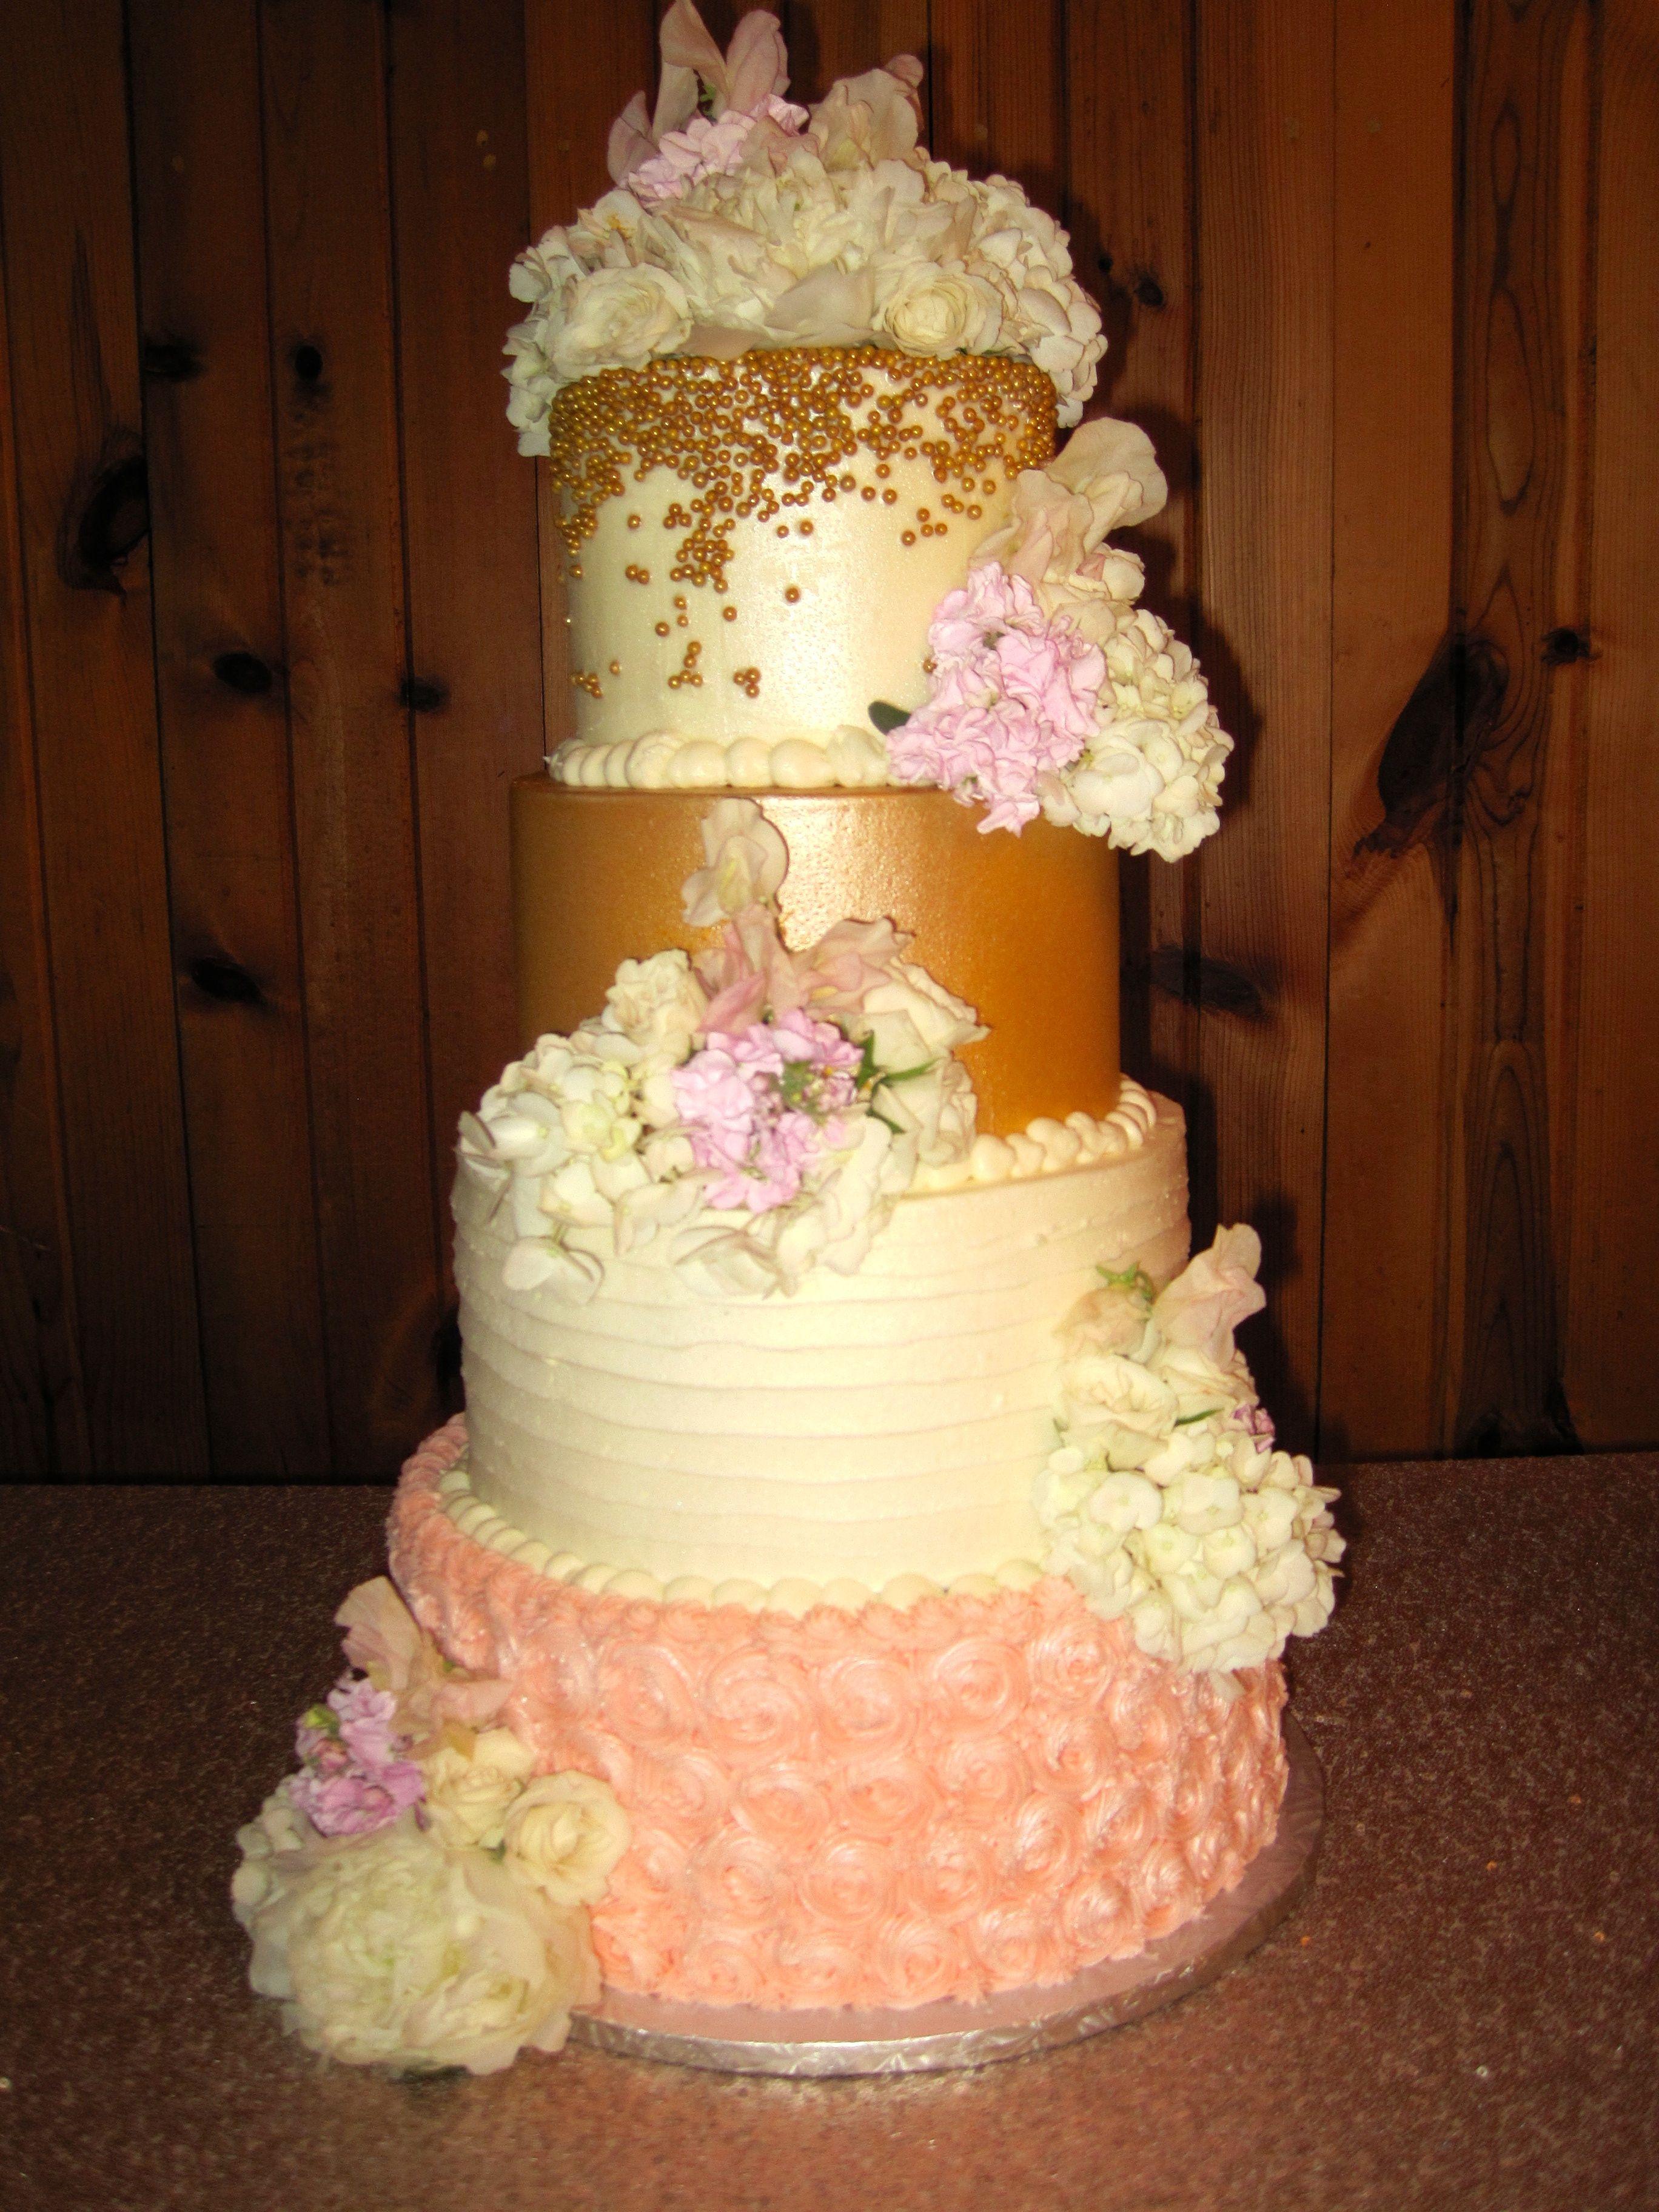 wedding cake | Cakes | Pinterest | Wedding cake, Fort worth texas ...